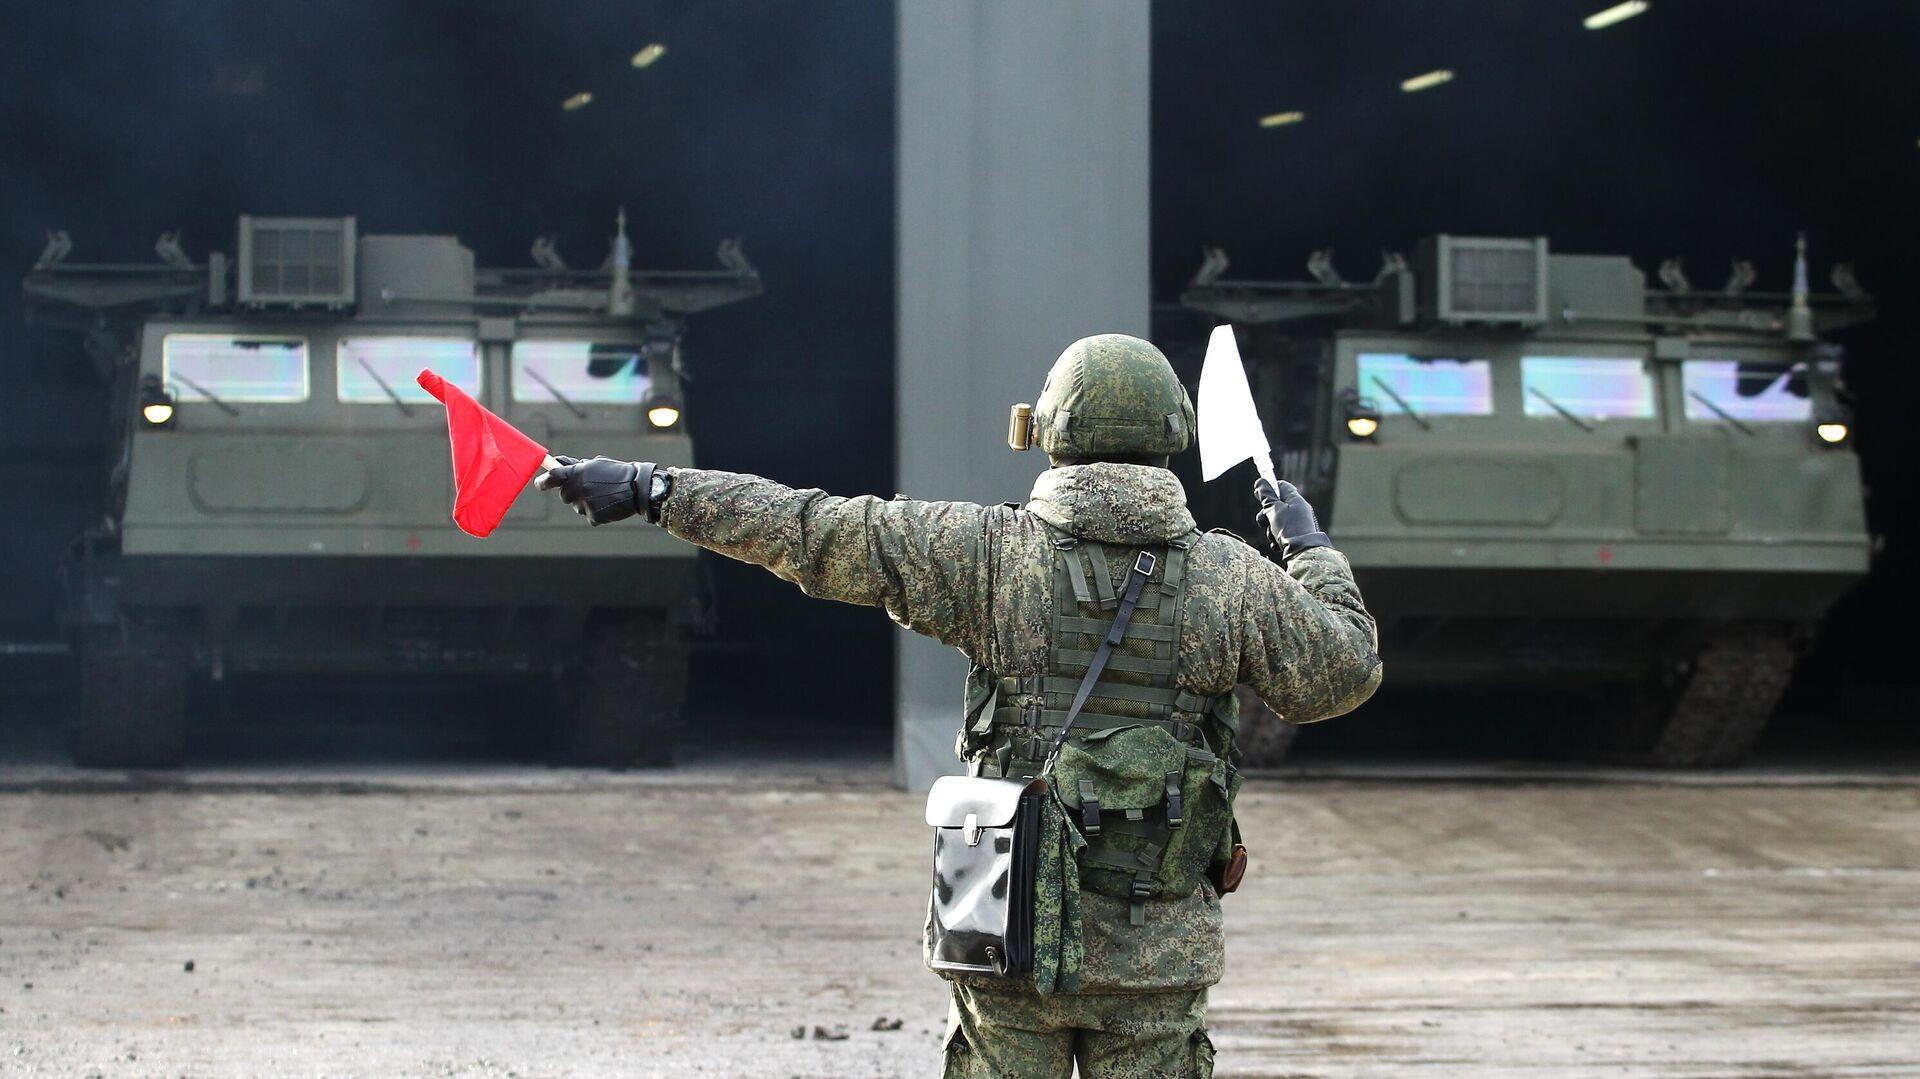 Зенитно-ракетная система (ЗРС) С-300В4 во время тактических учений - РИА Новости, 1920, 01.12.2020